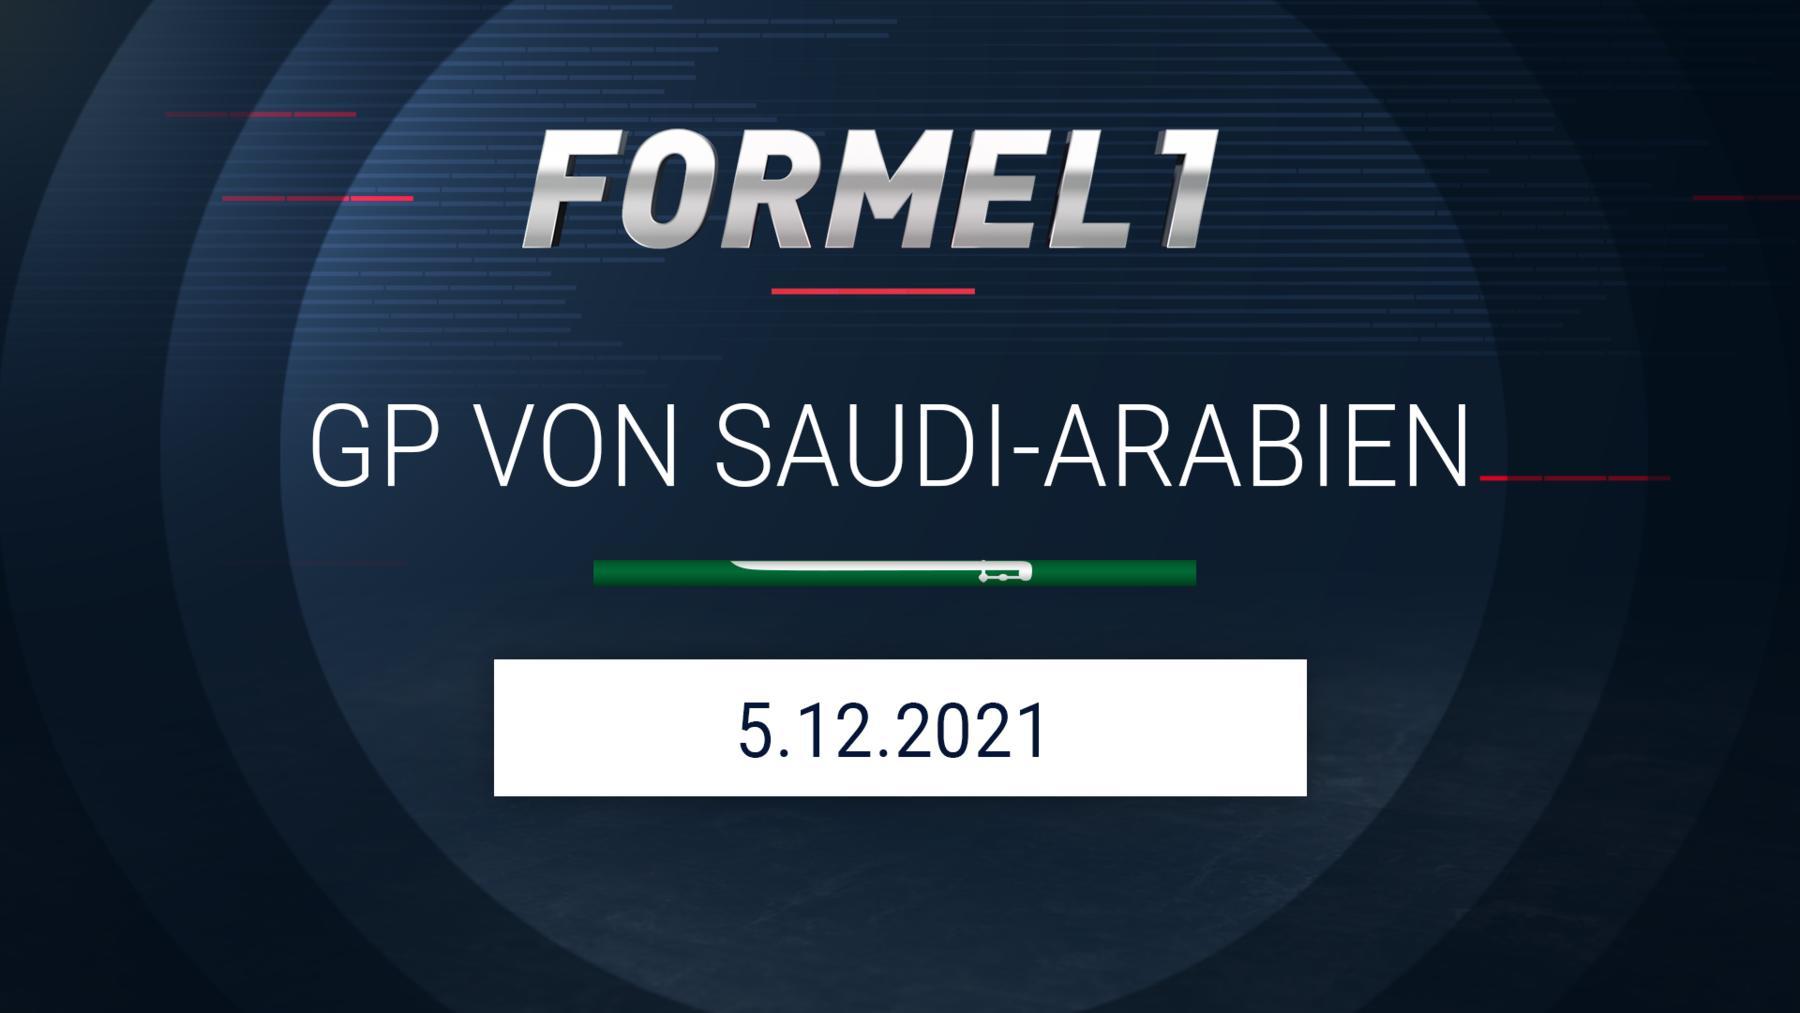 GP von Saudi-Arabien